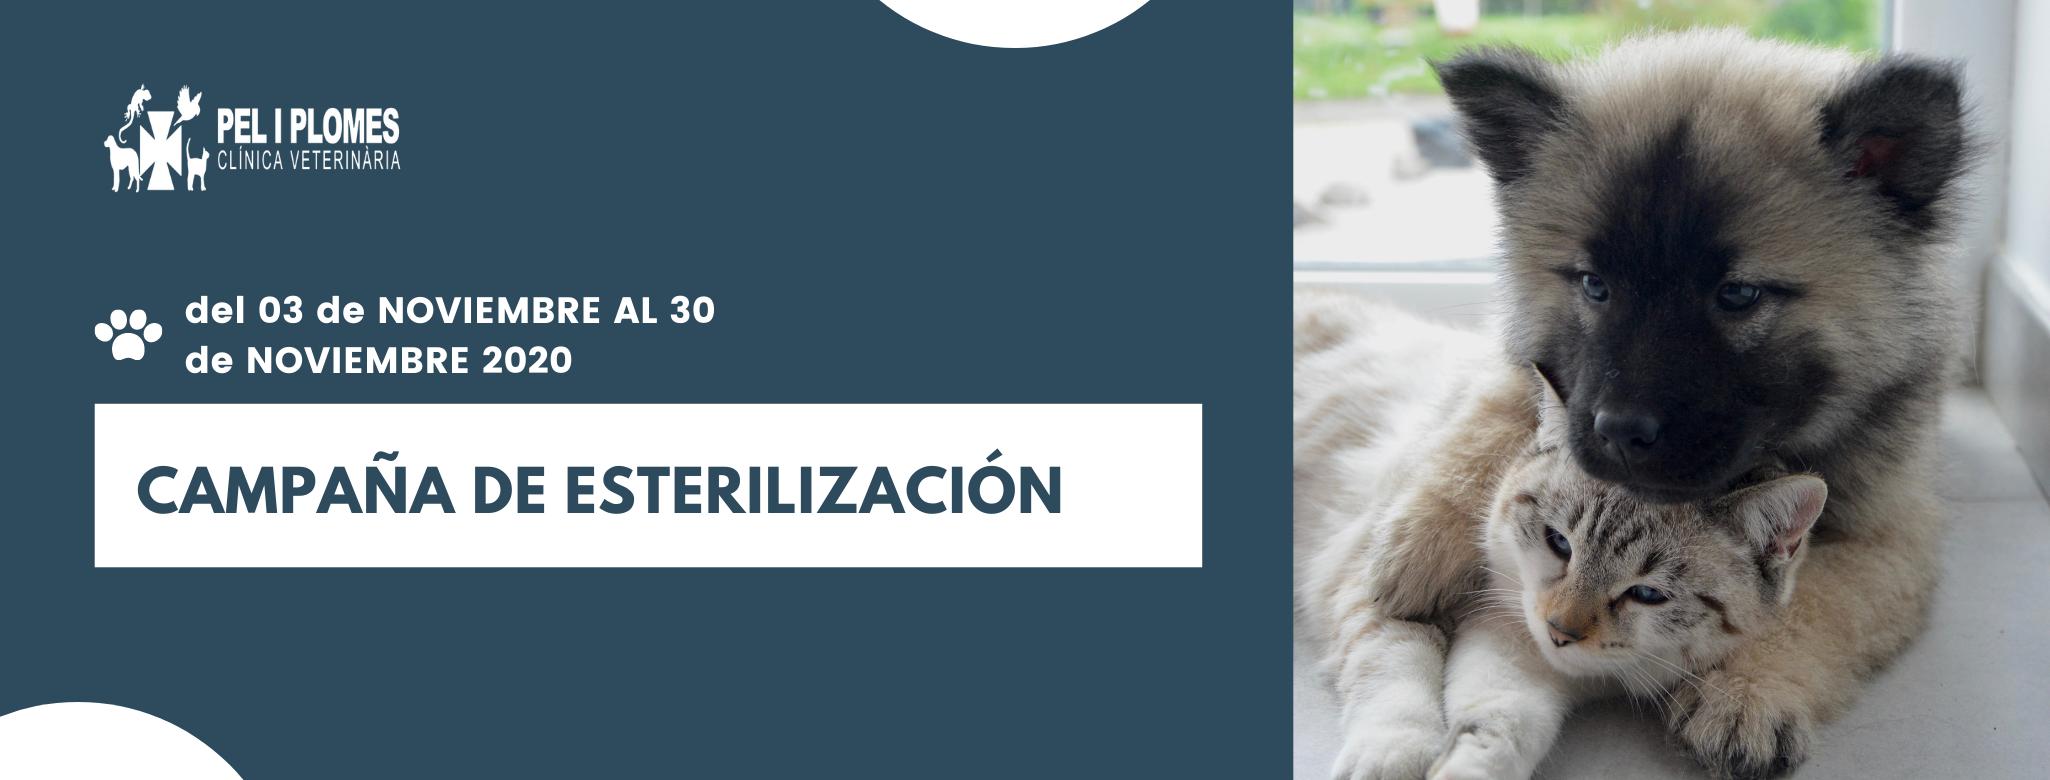 Beneficios de la esterilización animal